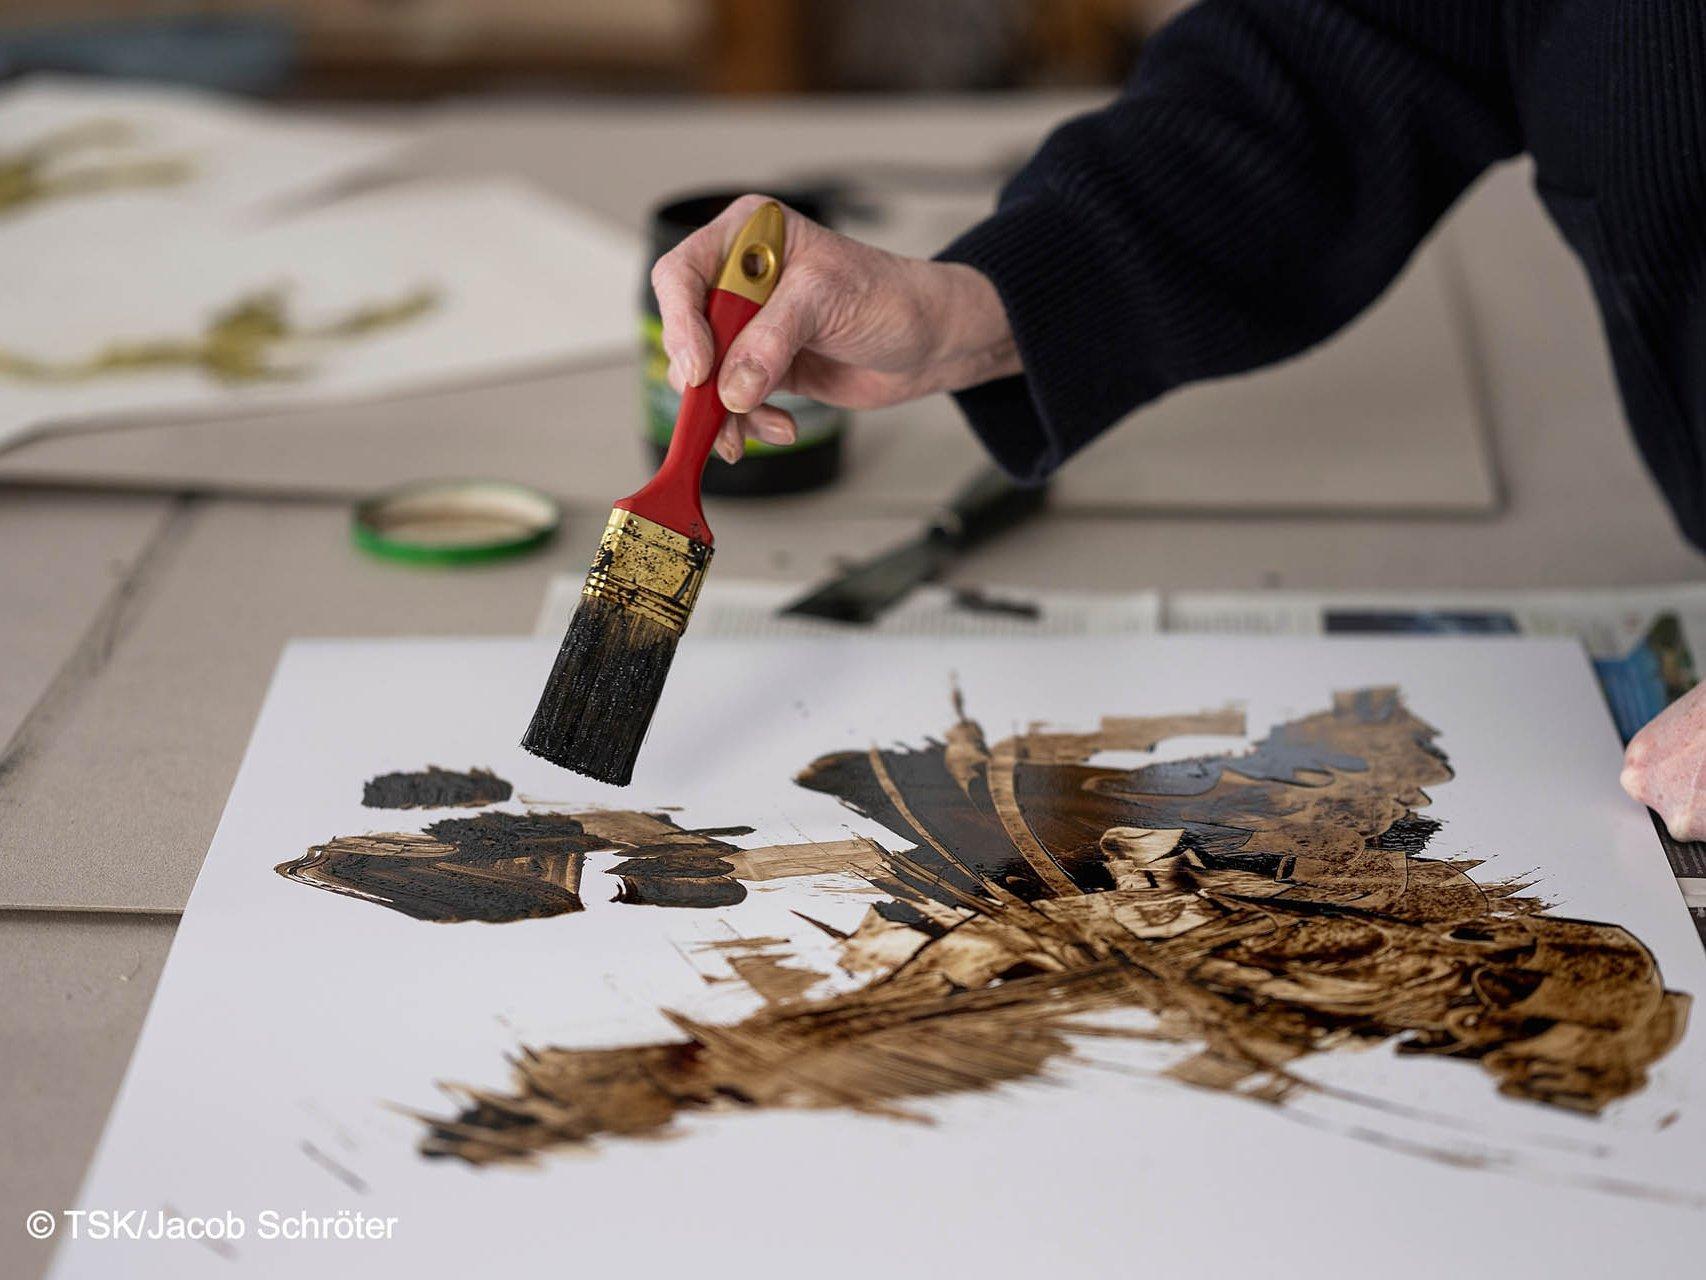 Nahaufnahme der Hand der Künstlerin Heike Stephan, die ein Bild mit einem groben Malerpinsel malt